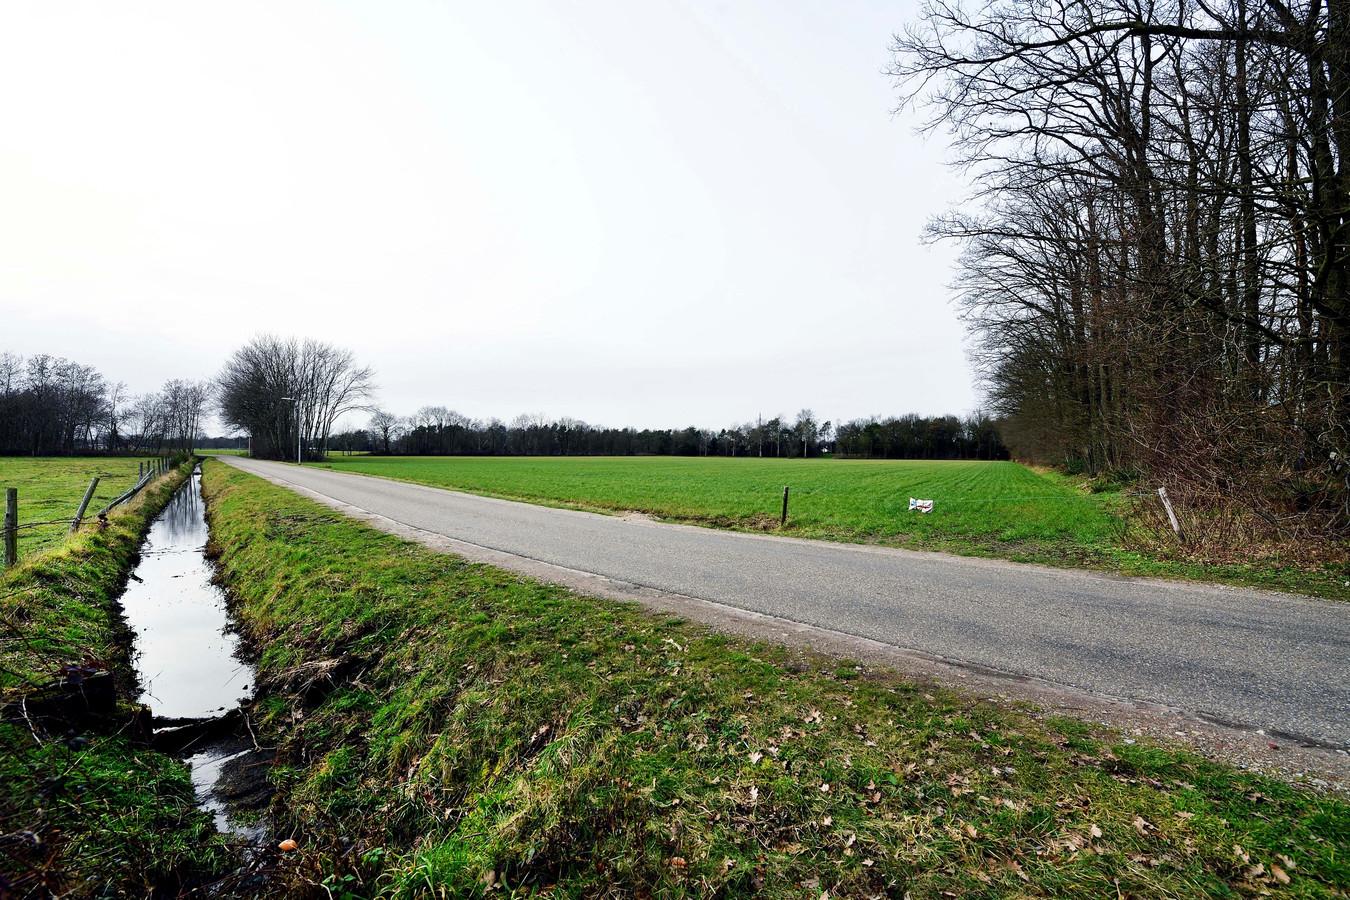 De Nispenseweg in Roosendaal, waar straks 8 hectare voedselbos wordt gerealiseerd.